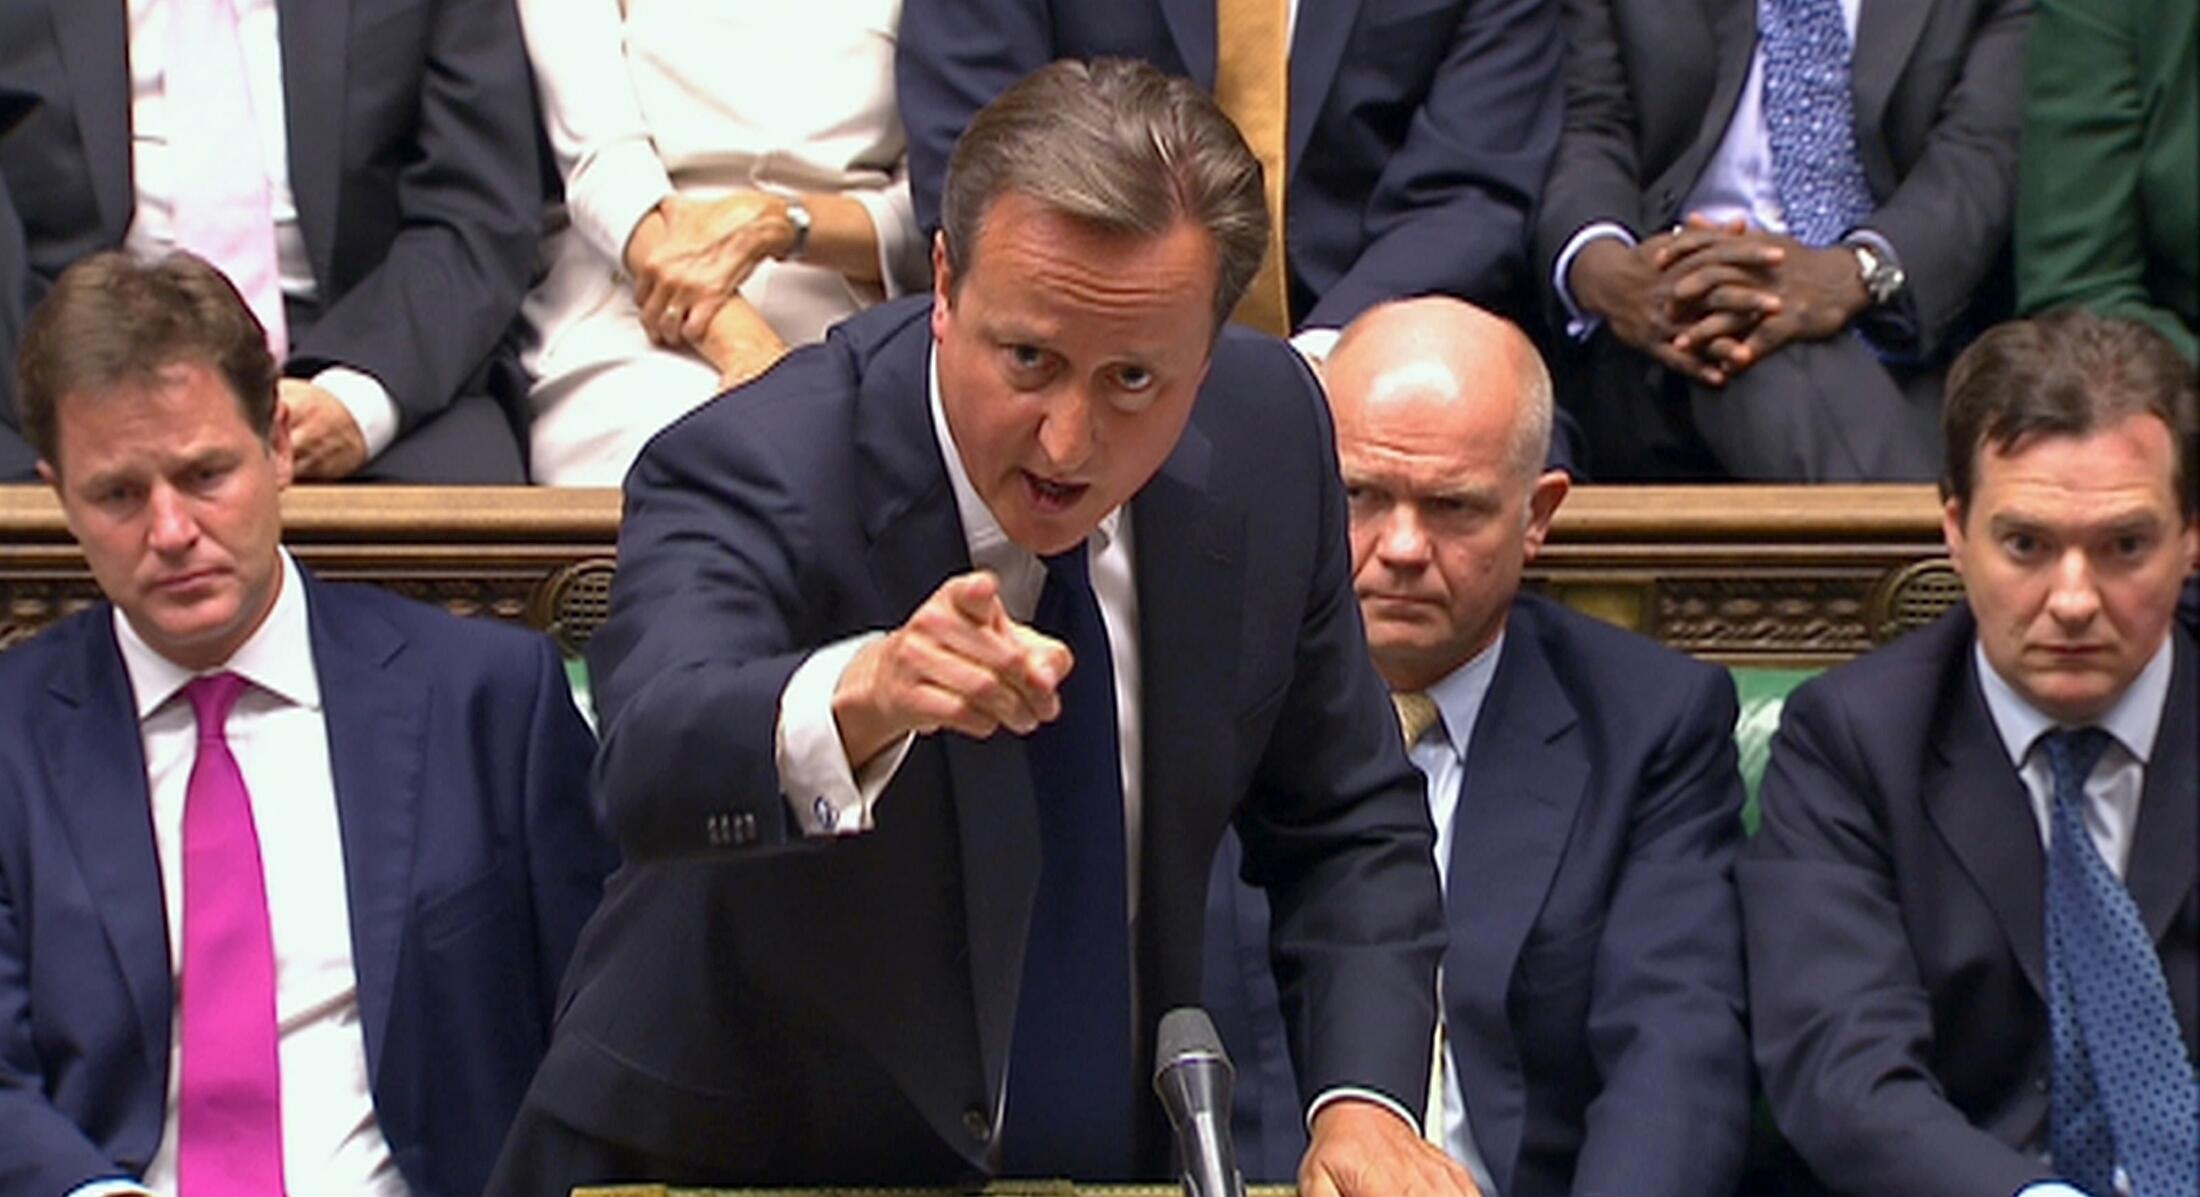 Thủ tướng Anh David Cameron trình bày về tình hình Syria trước Hạ viện Anh - REUTERS /UK Parliament via Reuters TV